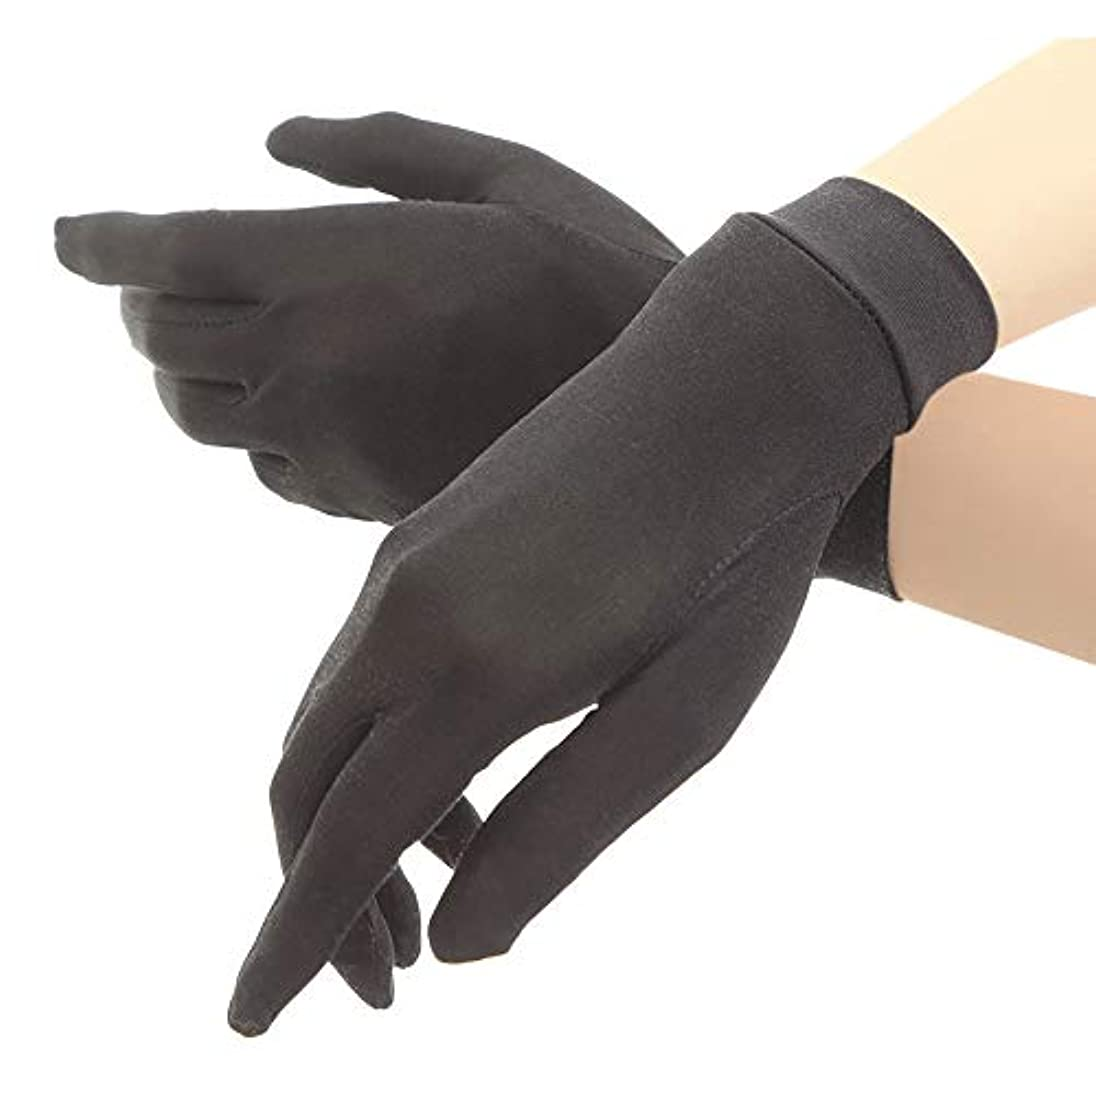 評論家牧師入力シルク手袋 レディース 手袋 シルク 絹 ハンド ケア 保湿 紫外線 肌荒れ 乾燥 サイズアップで手指にマッチ 【macch】